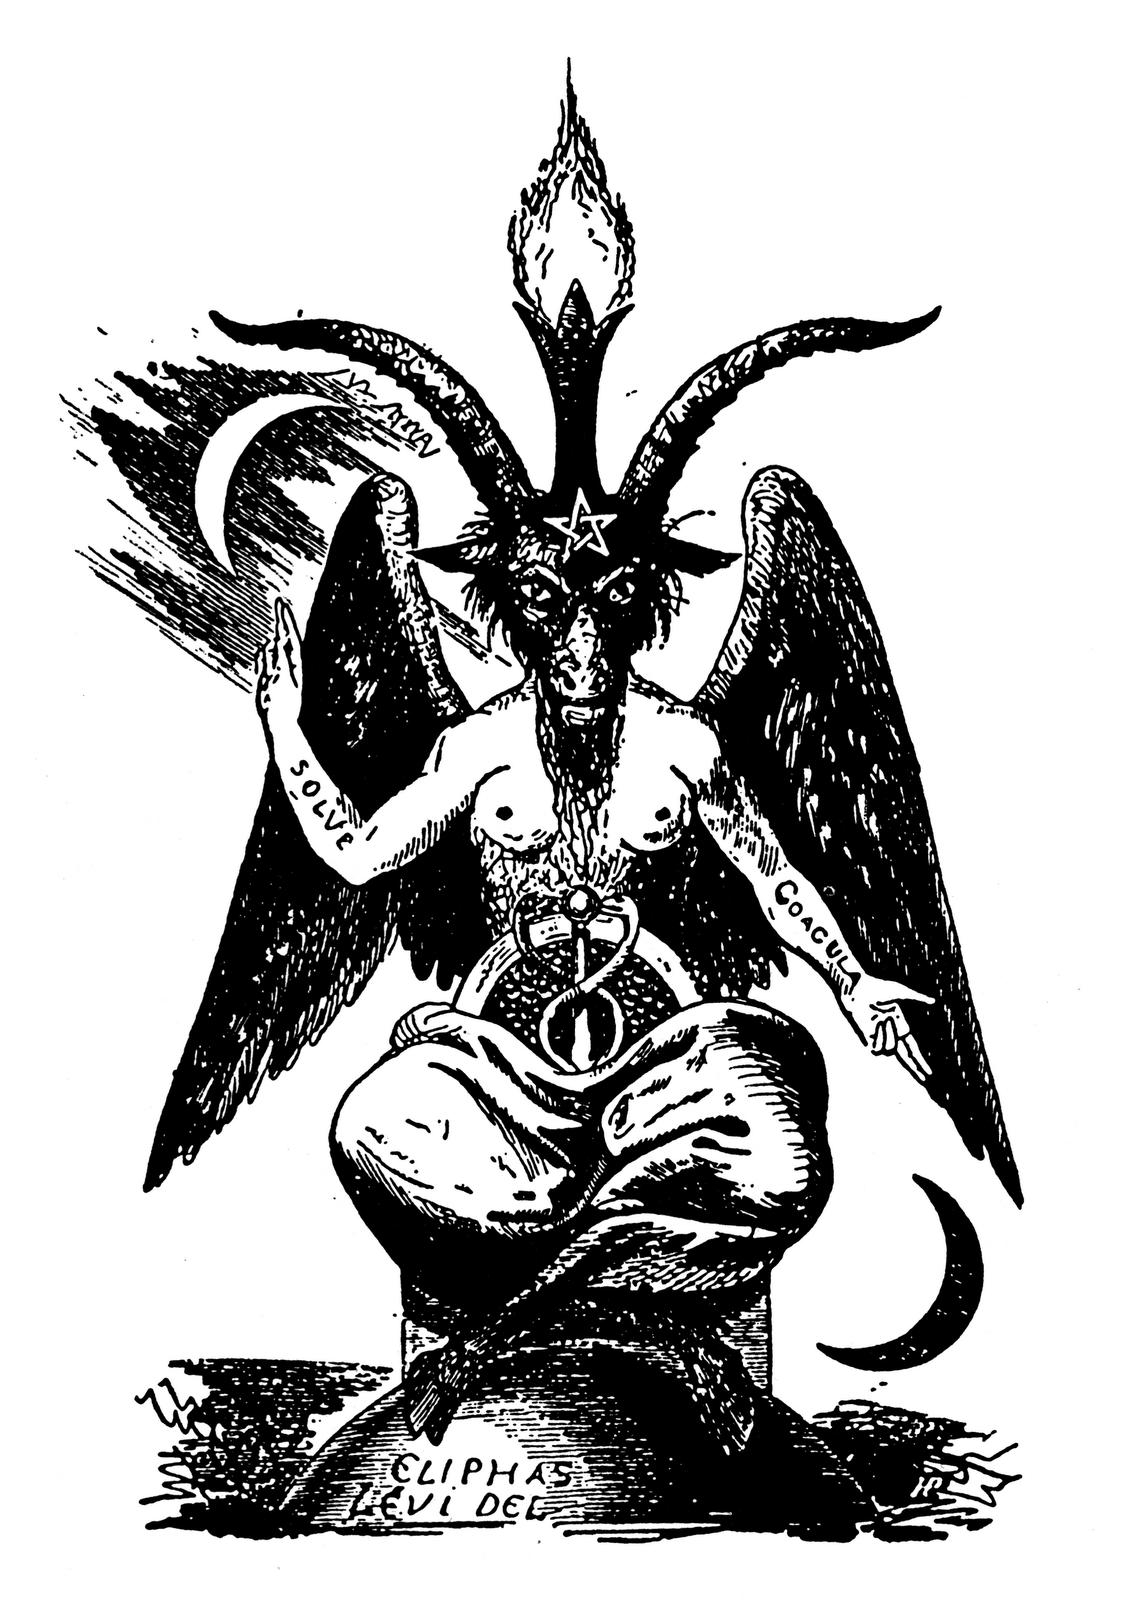 Drawn goat eliphas levi (1145×1600) Levi Eliphas Boffamet Levi